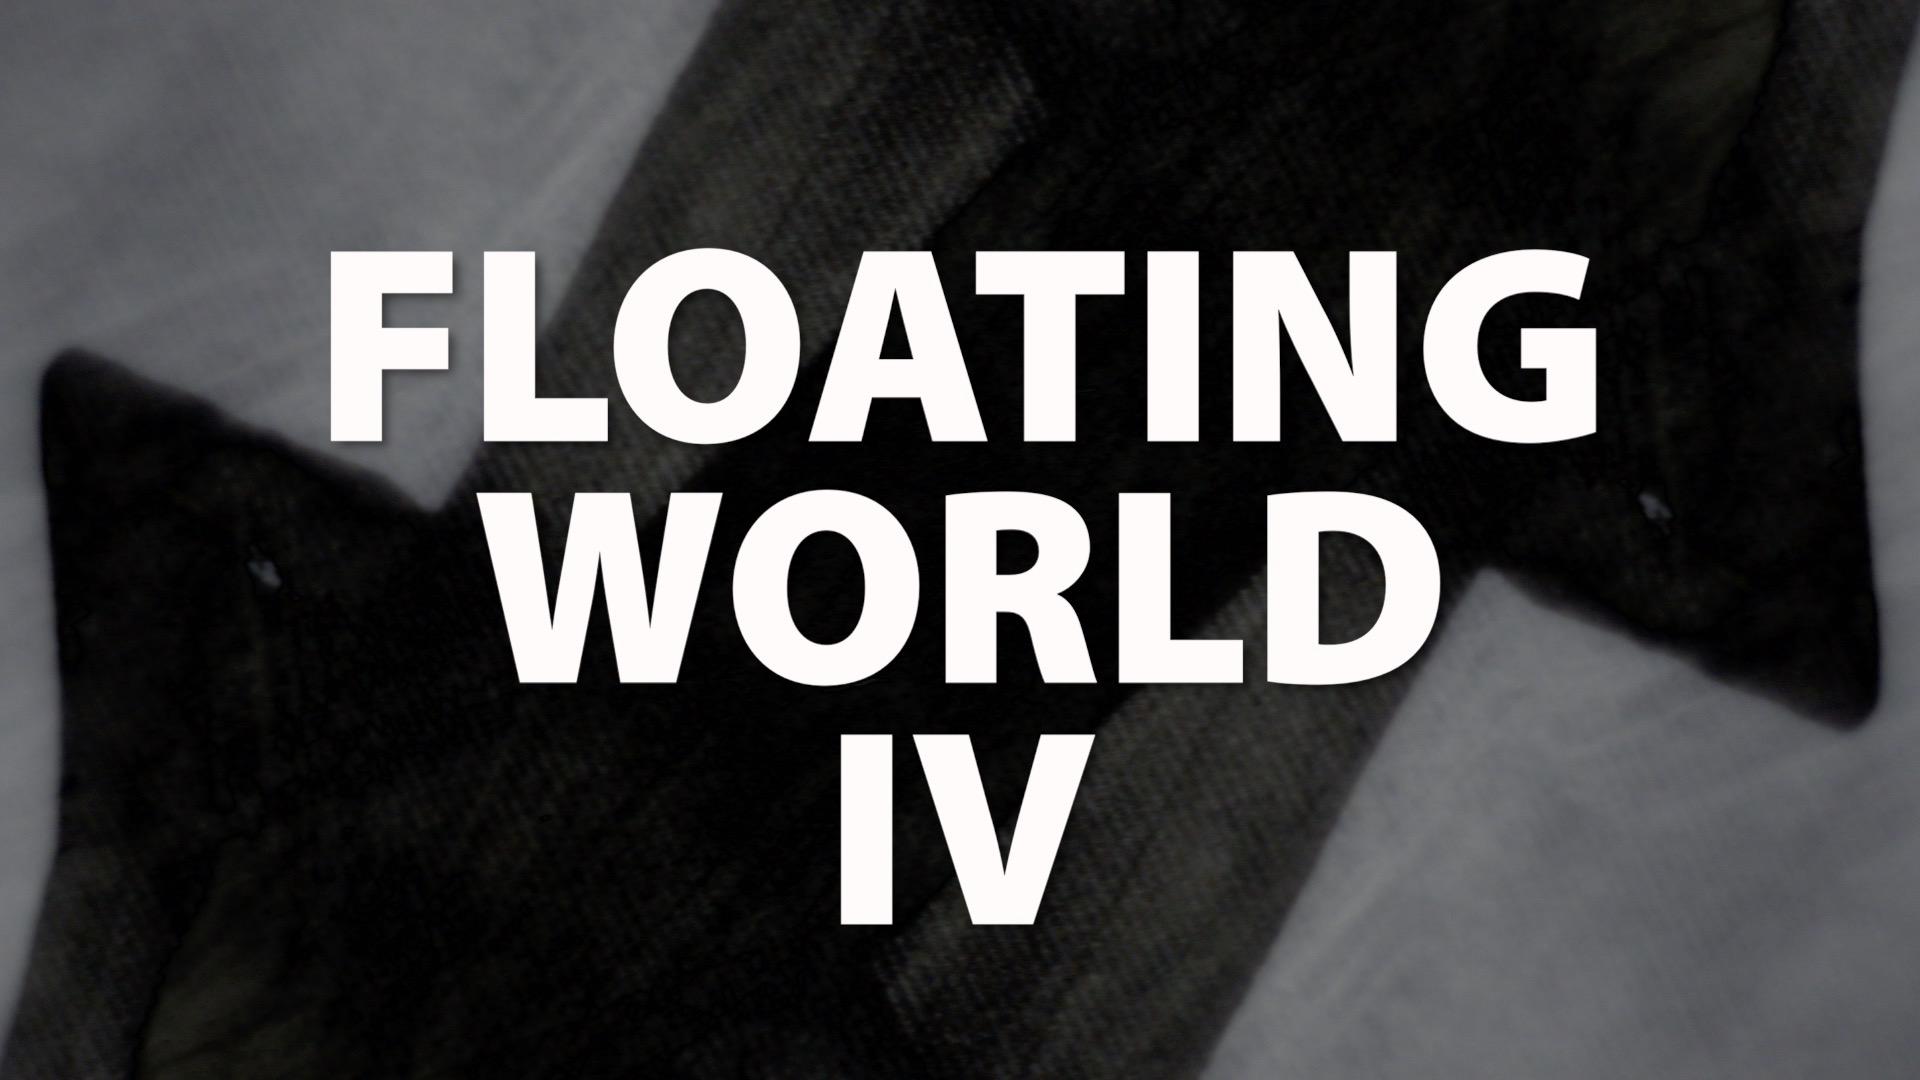 Floating World IV